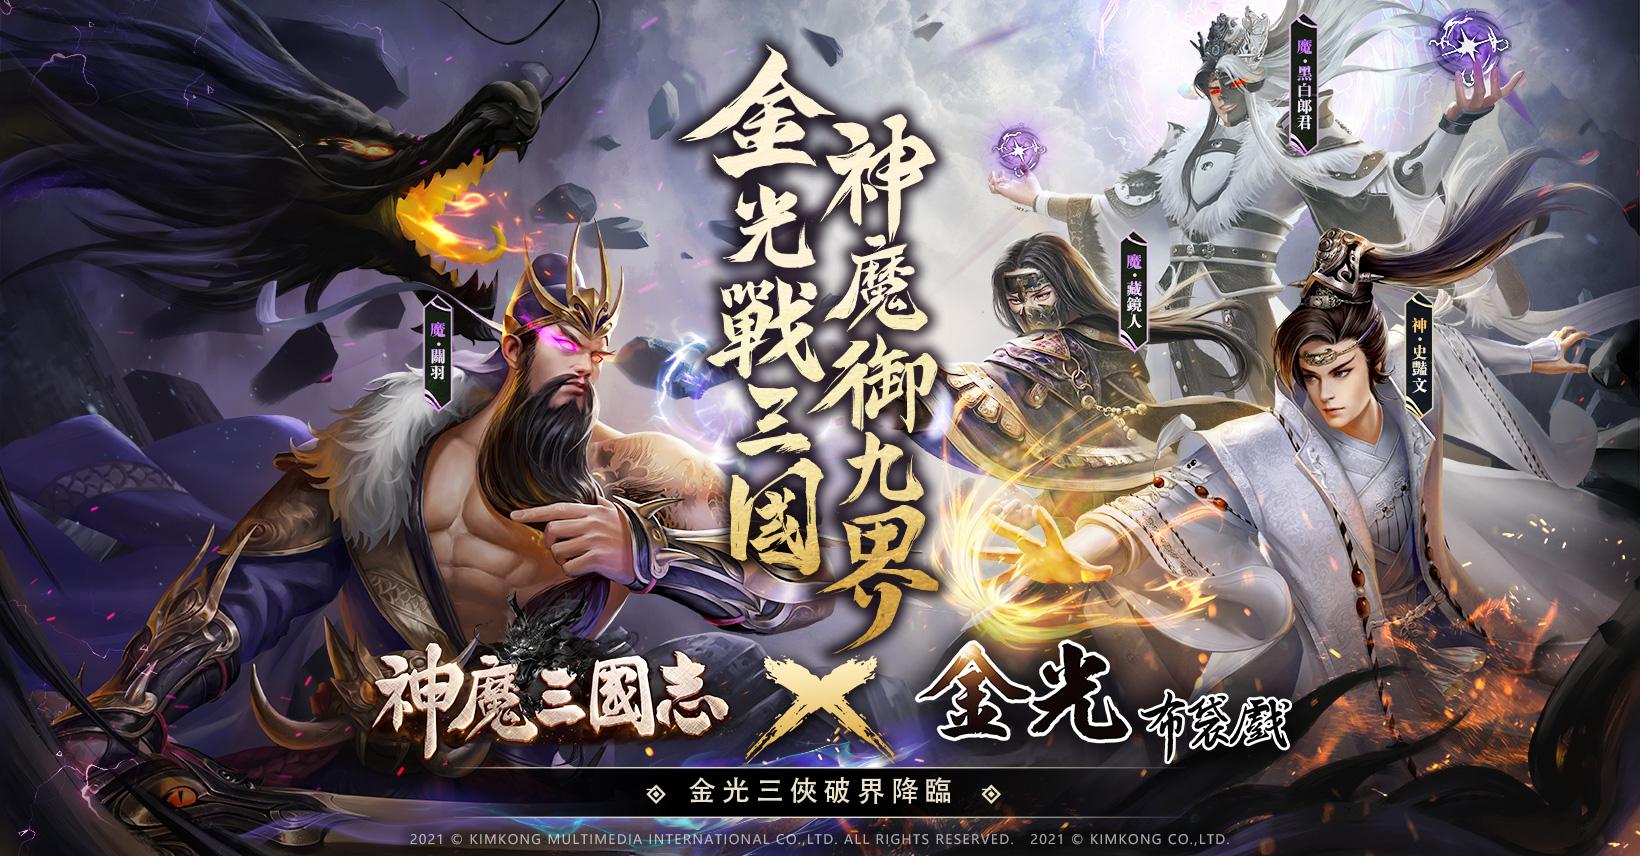 《神魔三國志》X《金光布袋戲》聯動決定,預約免費領取「神·史豔文」